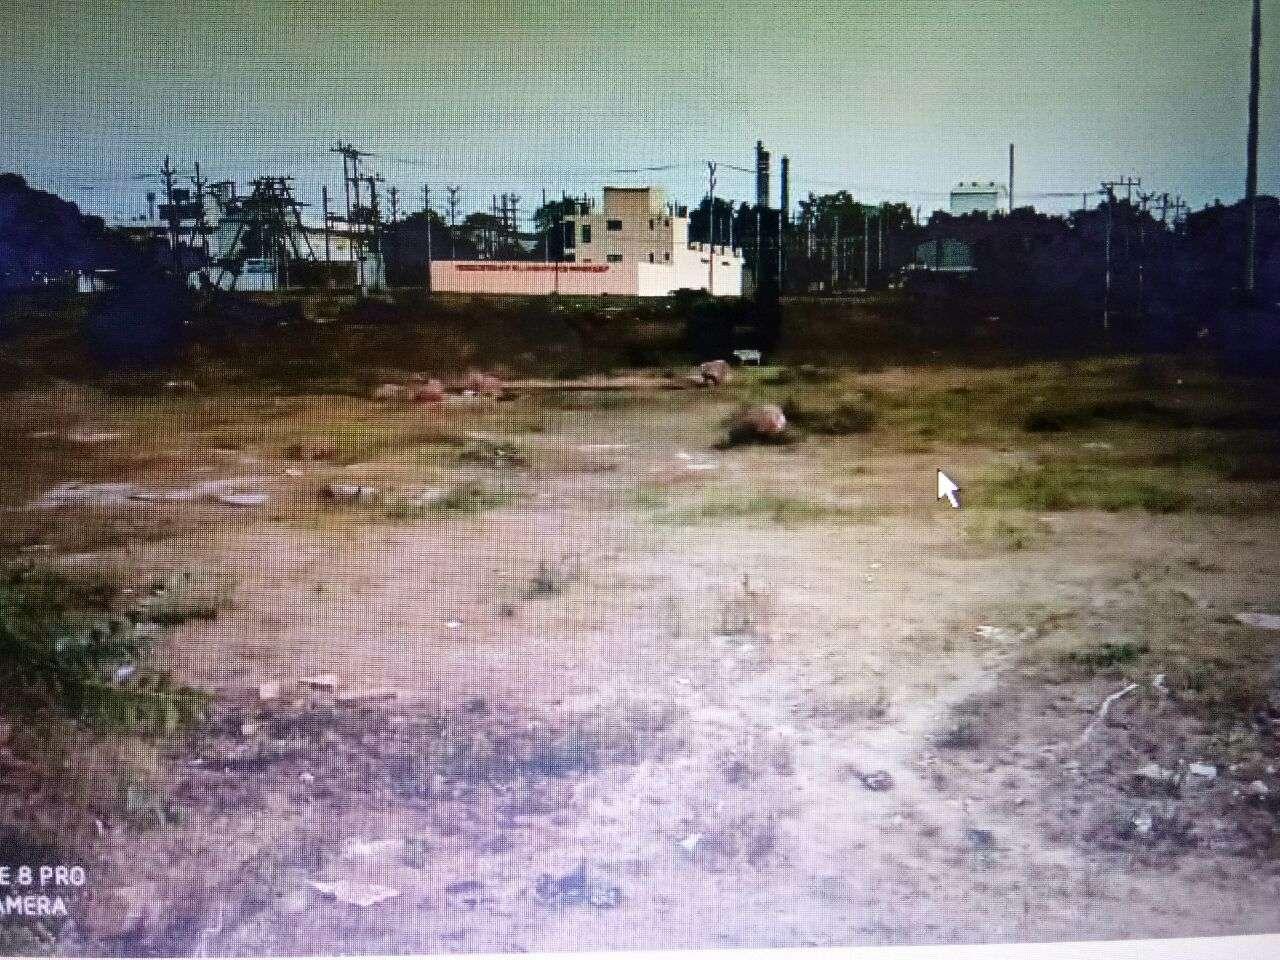 भोपाल के आसपास औद्योगिक क्षेत्रों में लगेंंगे सीएनजी प्लांट